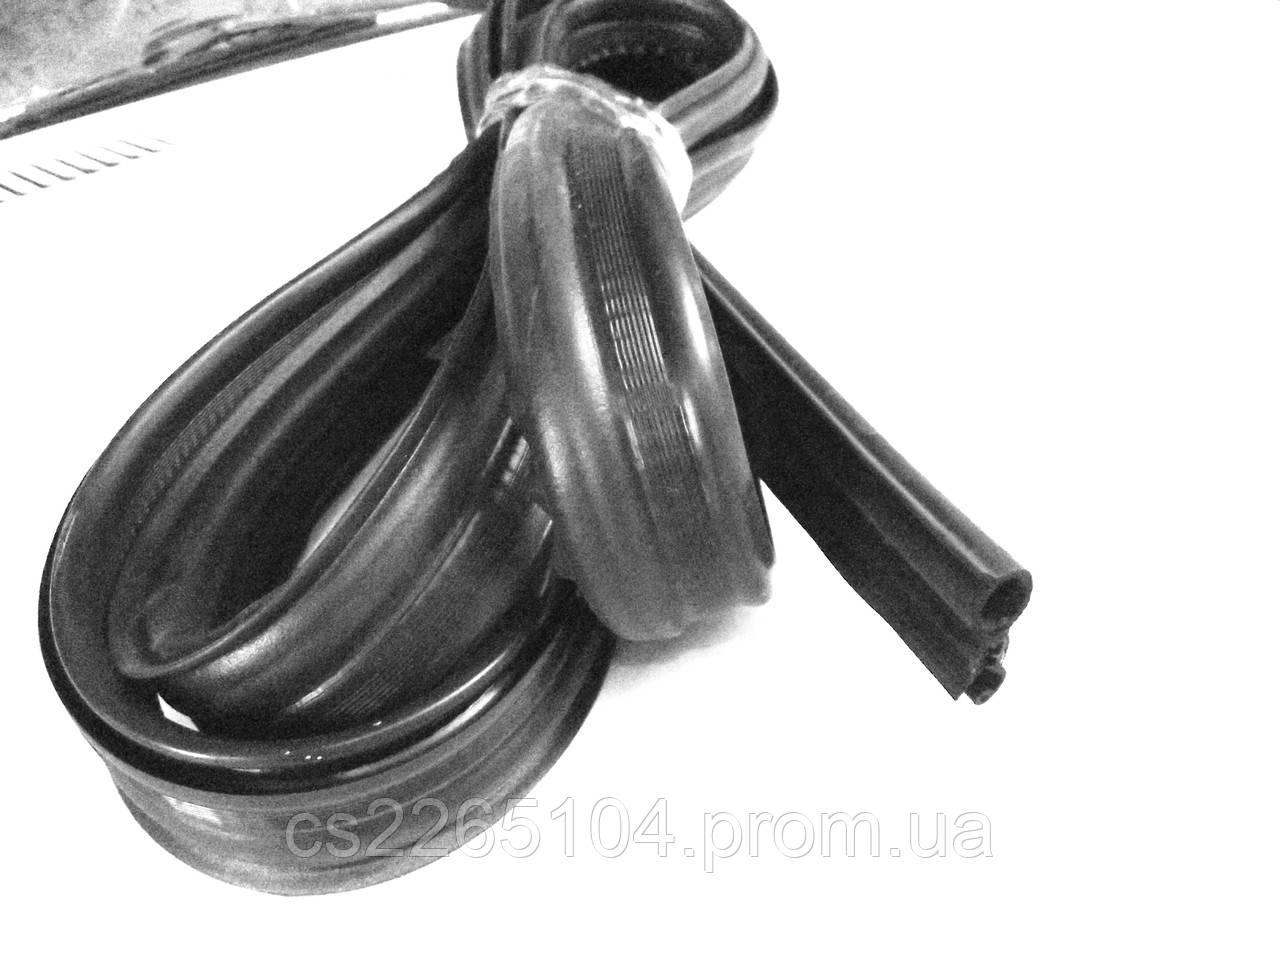 Уплотнитель крышки багажника (Ляды) ВАЗ 2111-2112 БРТ